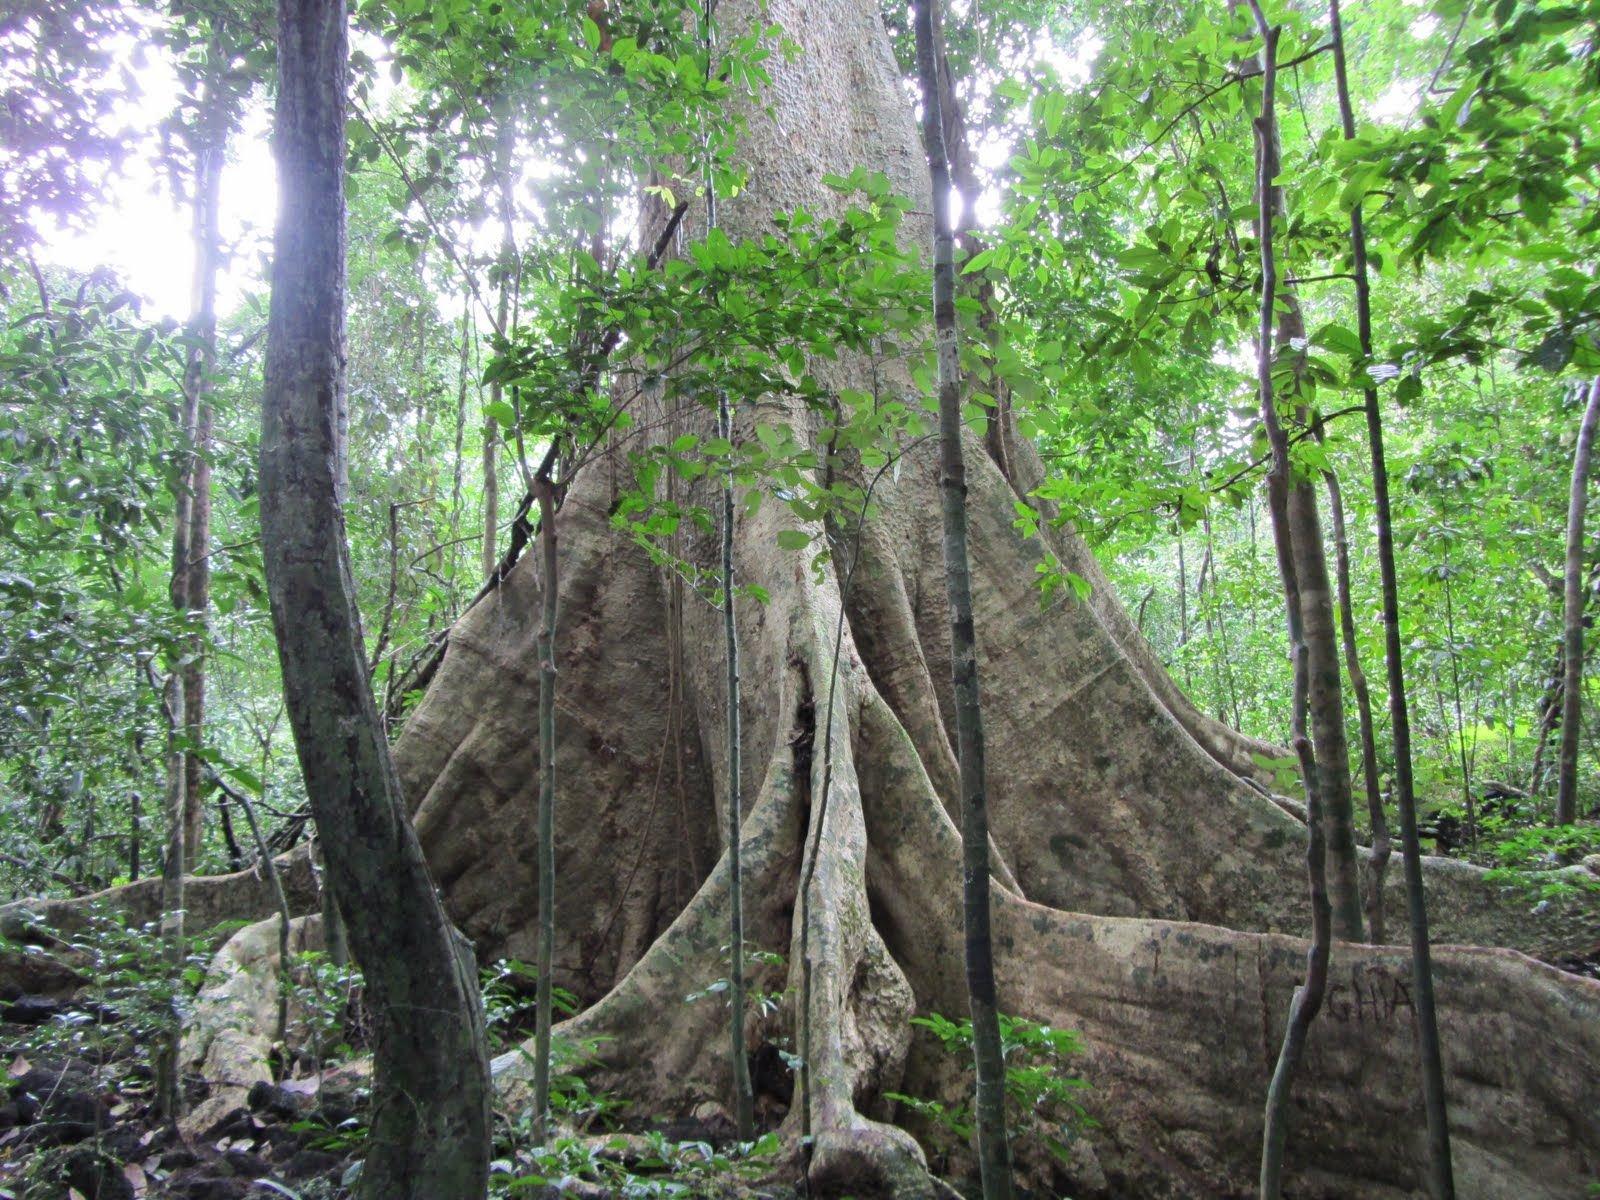 Khám phá gốc tùng khôngtr lồ tại Vườn Quốc Gia Nam Cát Tiên